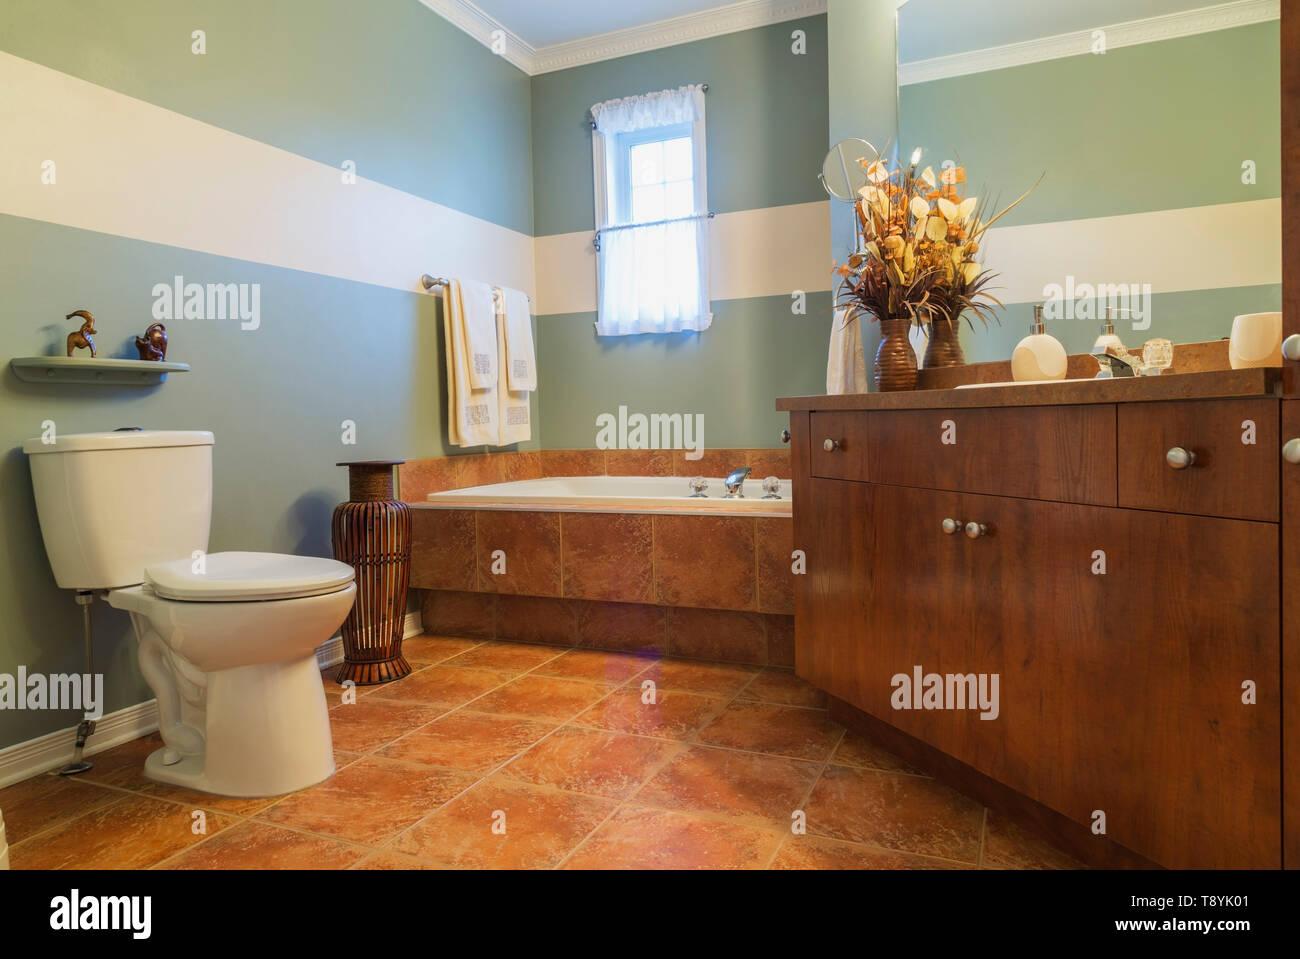 Melamine Cabinet Photos & Melamine Cabinet Images - Alamy